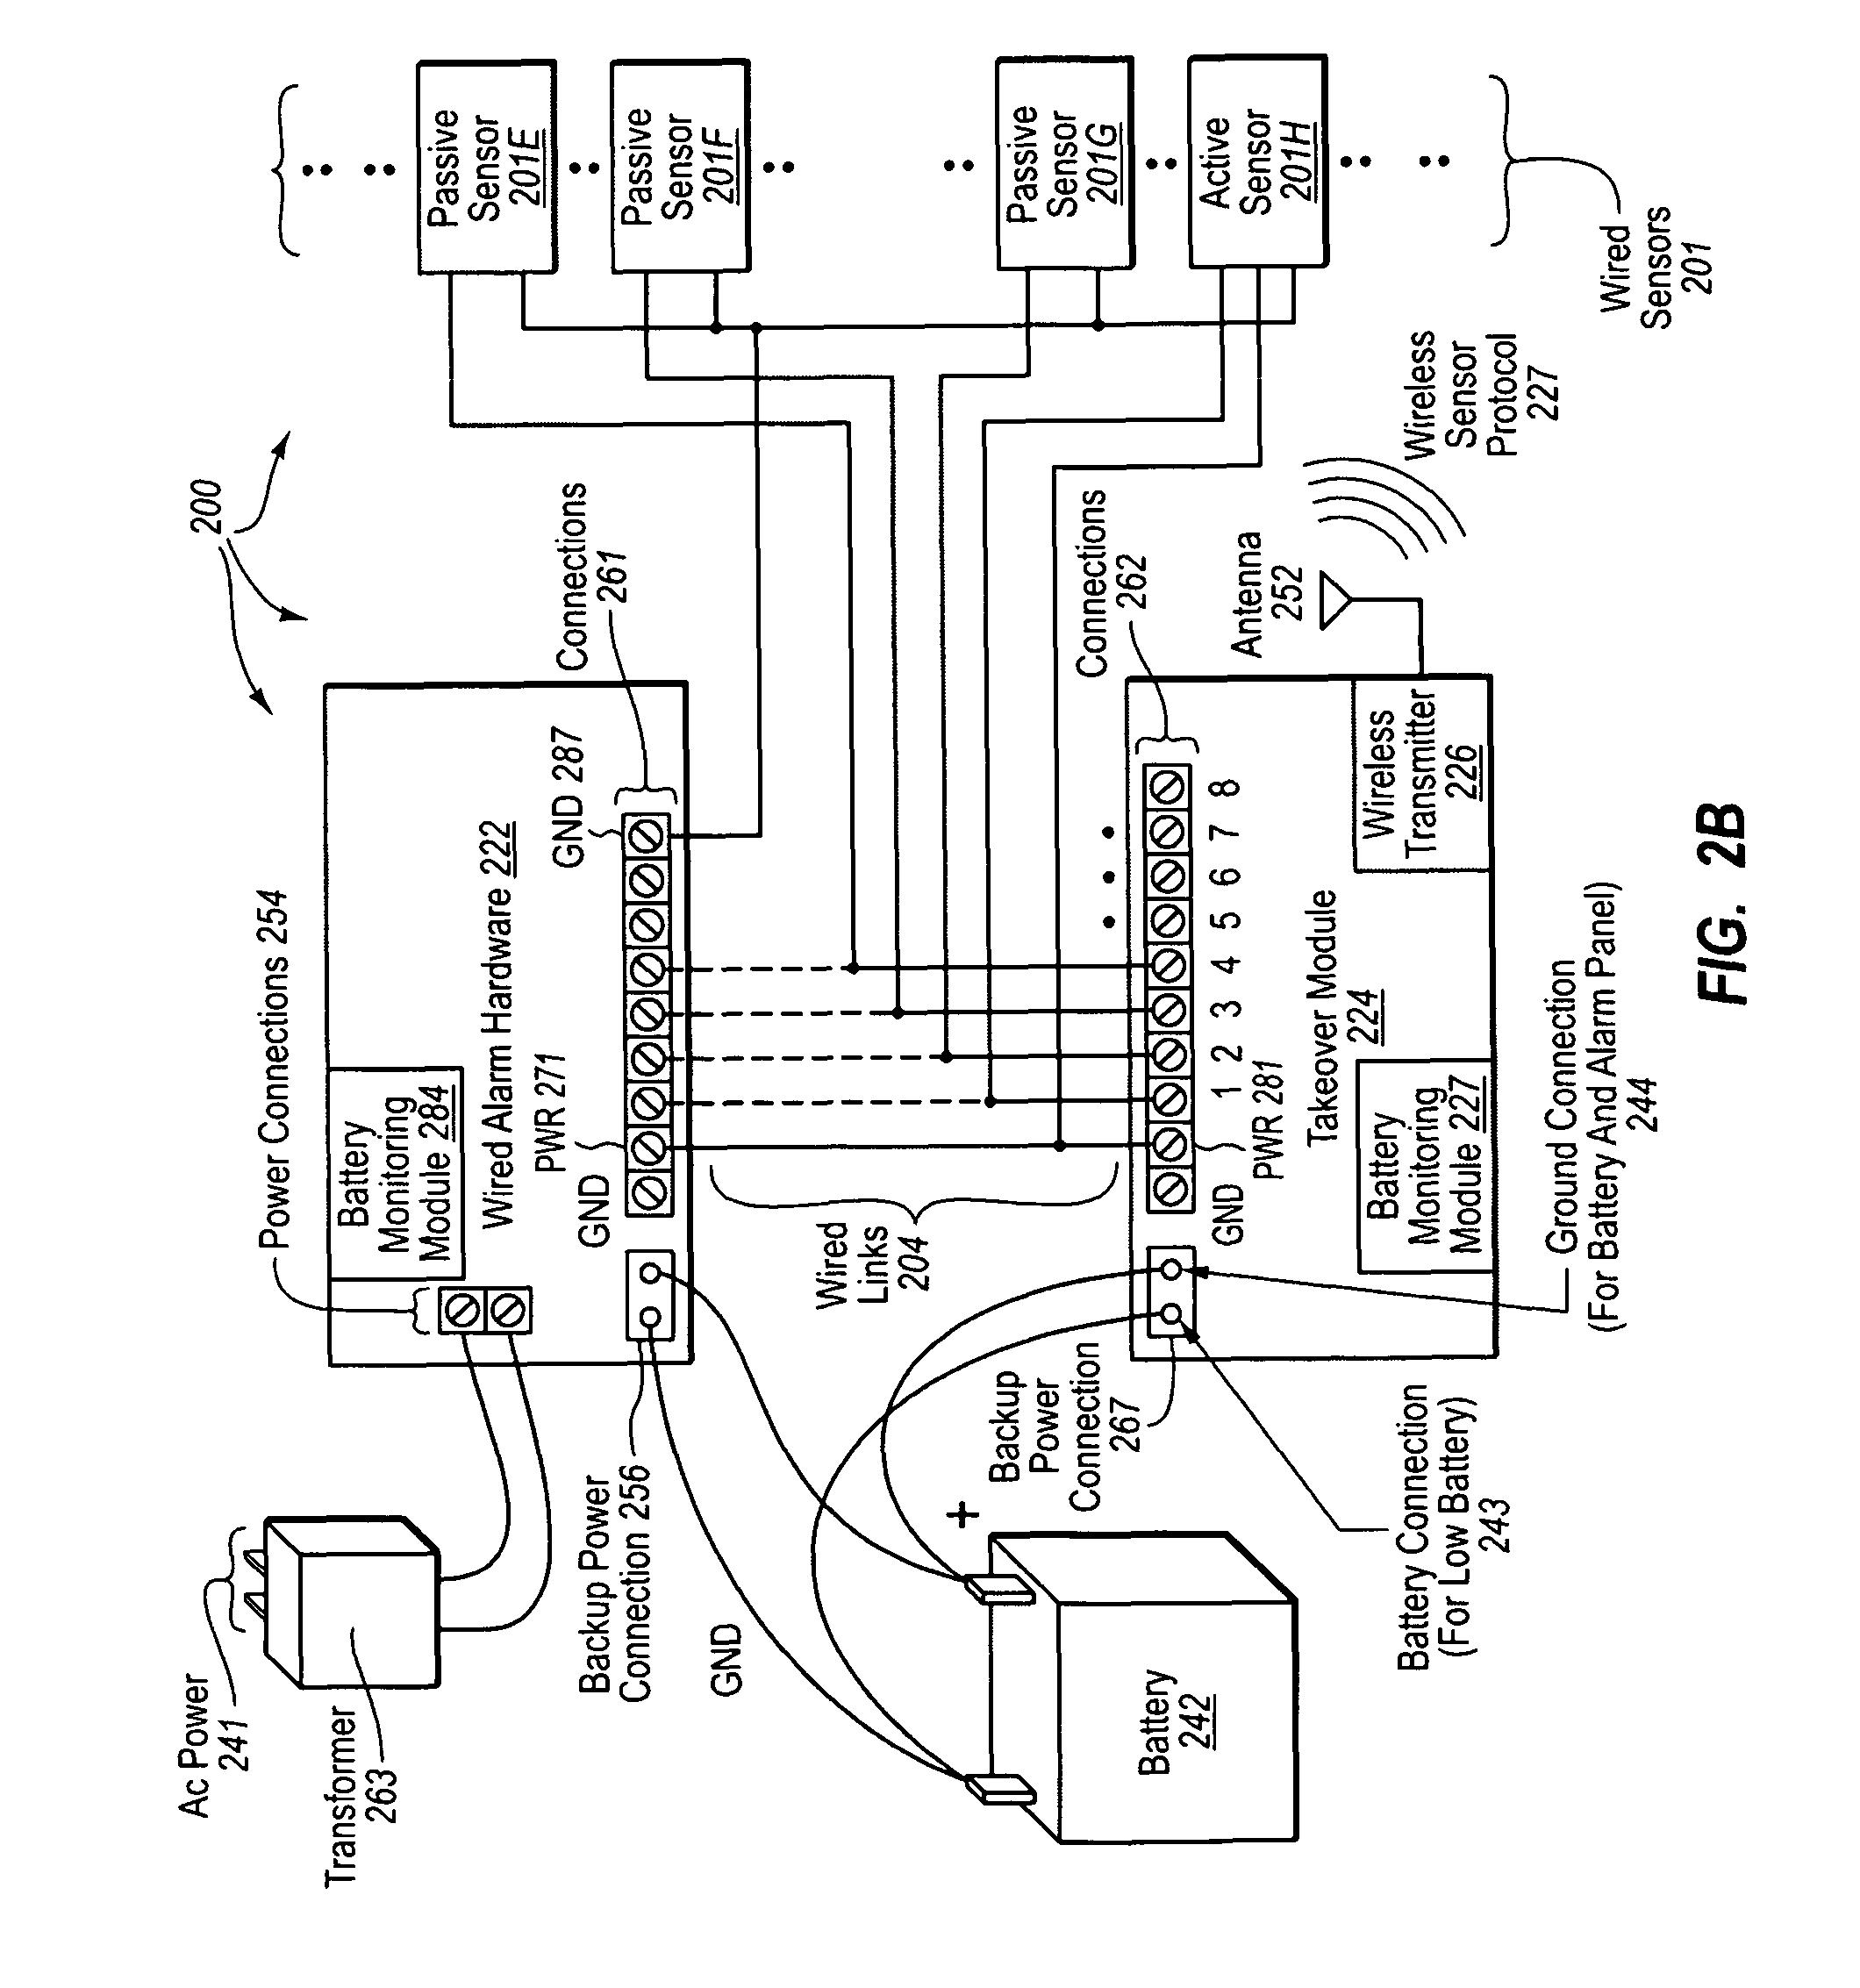 patent us8638210